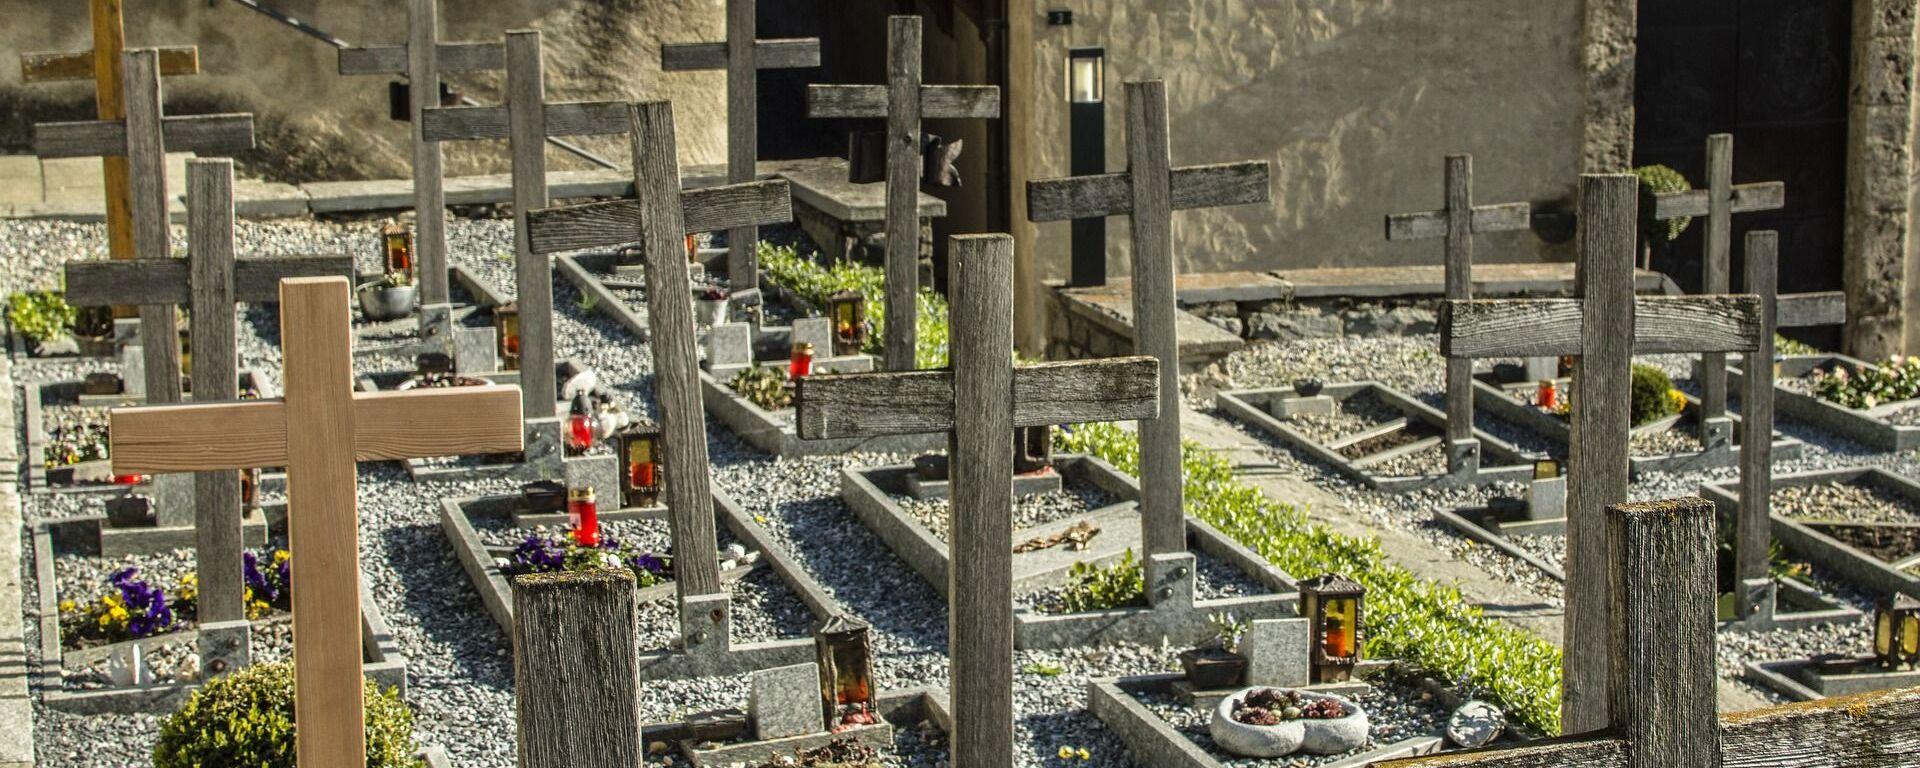 Un cementerio (imagen referencial) - Sputnik Mundo, 1920, 22.02.2021